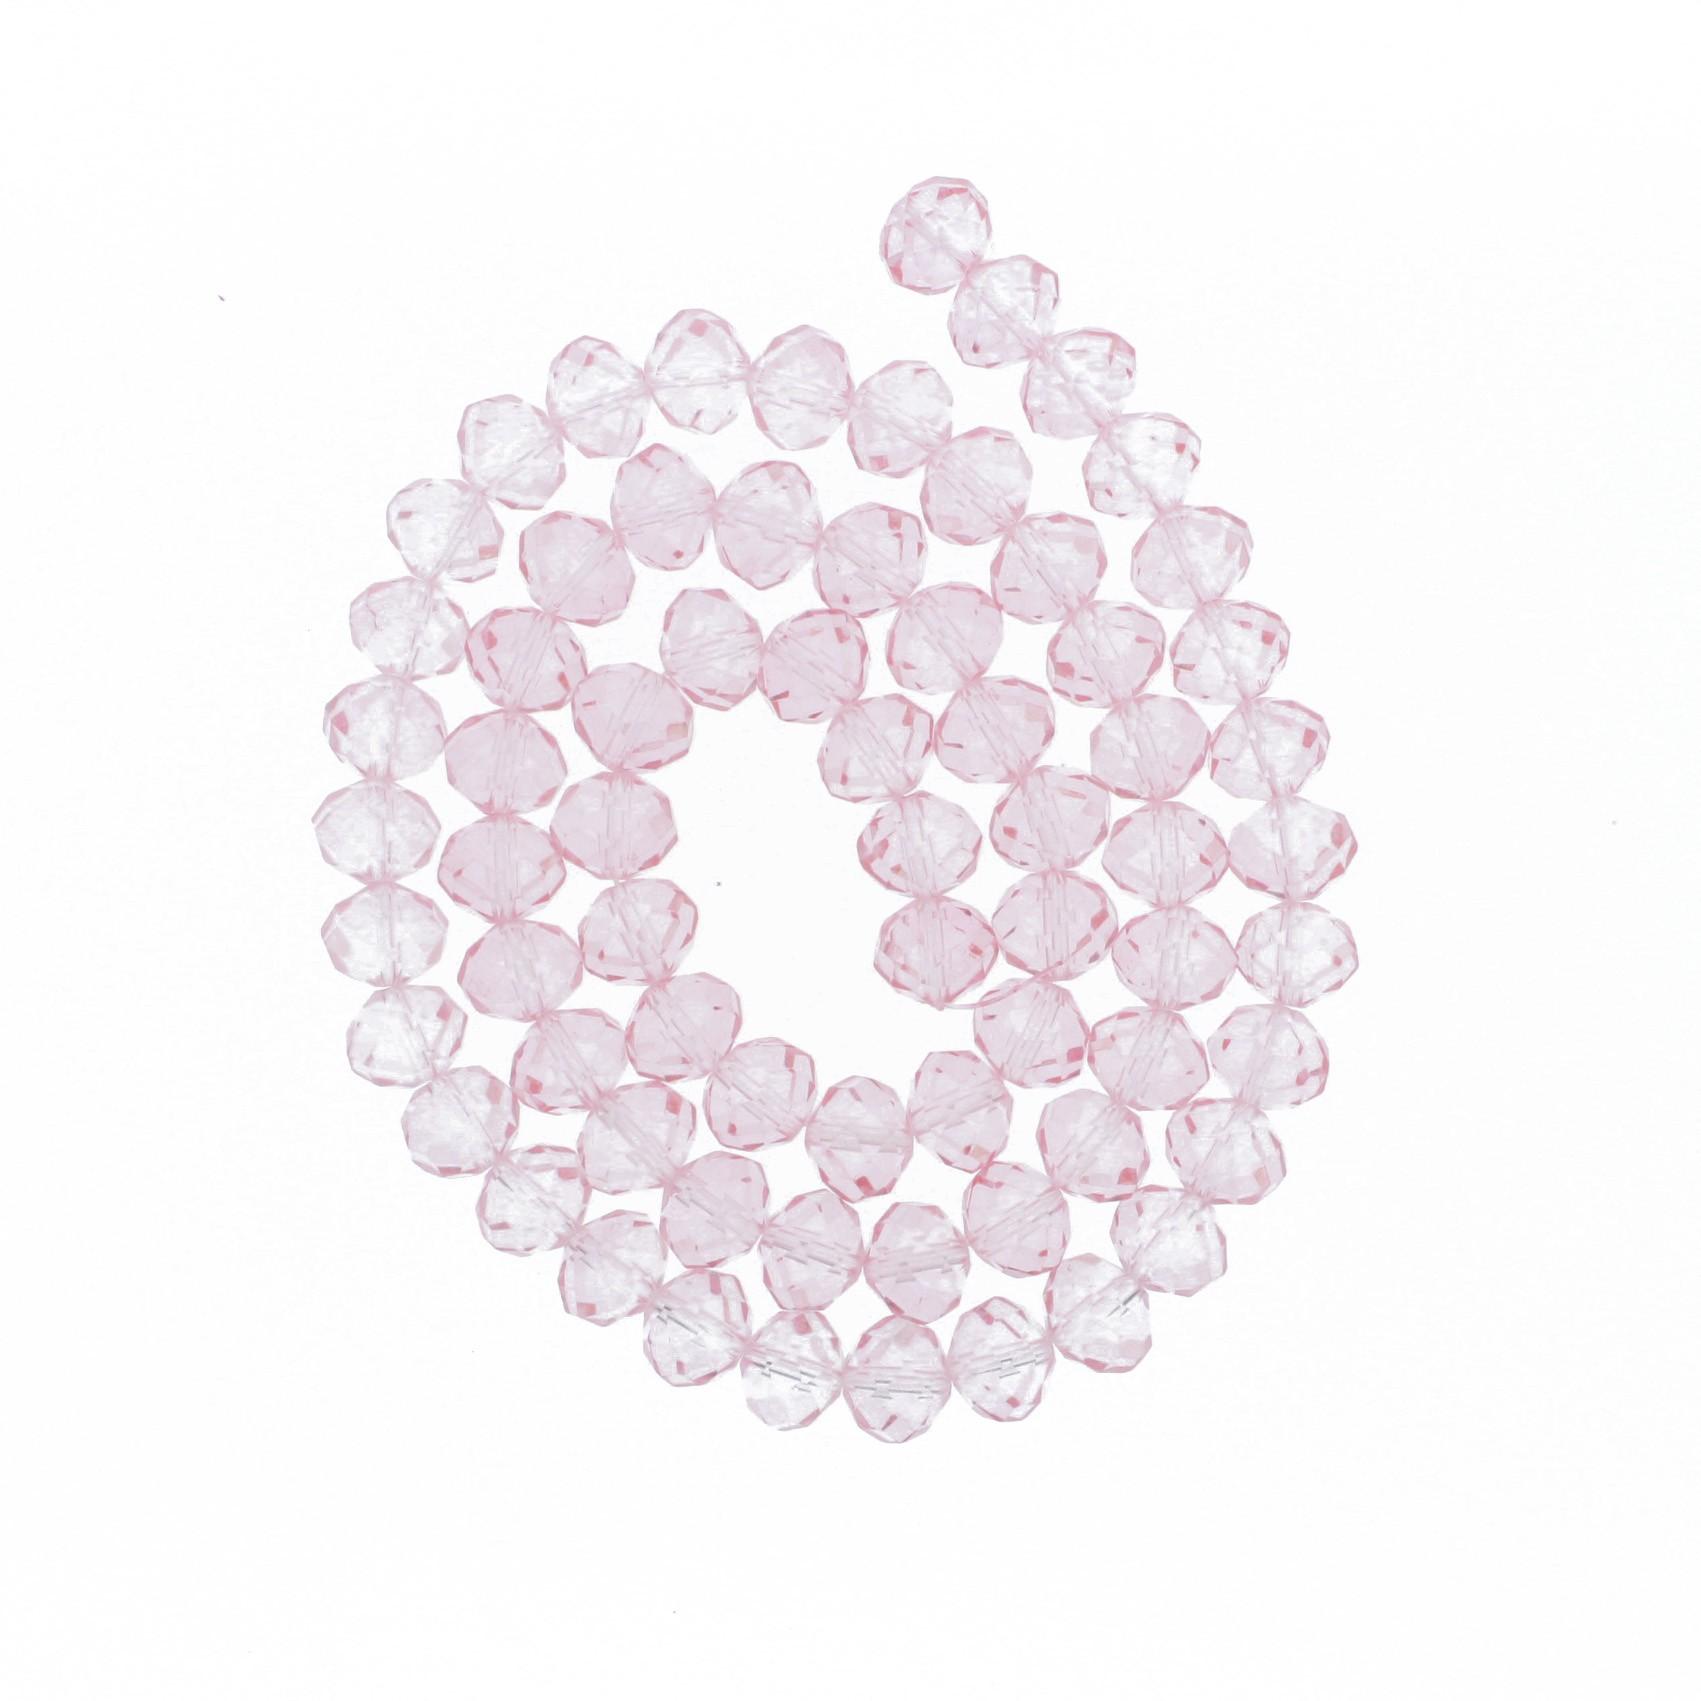 Fio de Cristal - Flat® - Rosa Claro Transparente - 10mm  - Stéphanie Bijoux® - Peças para Bijuterias e Artesanato